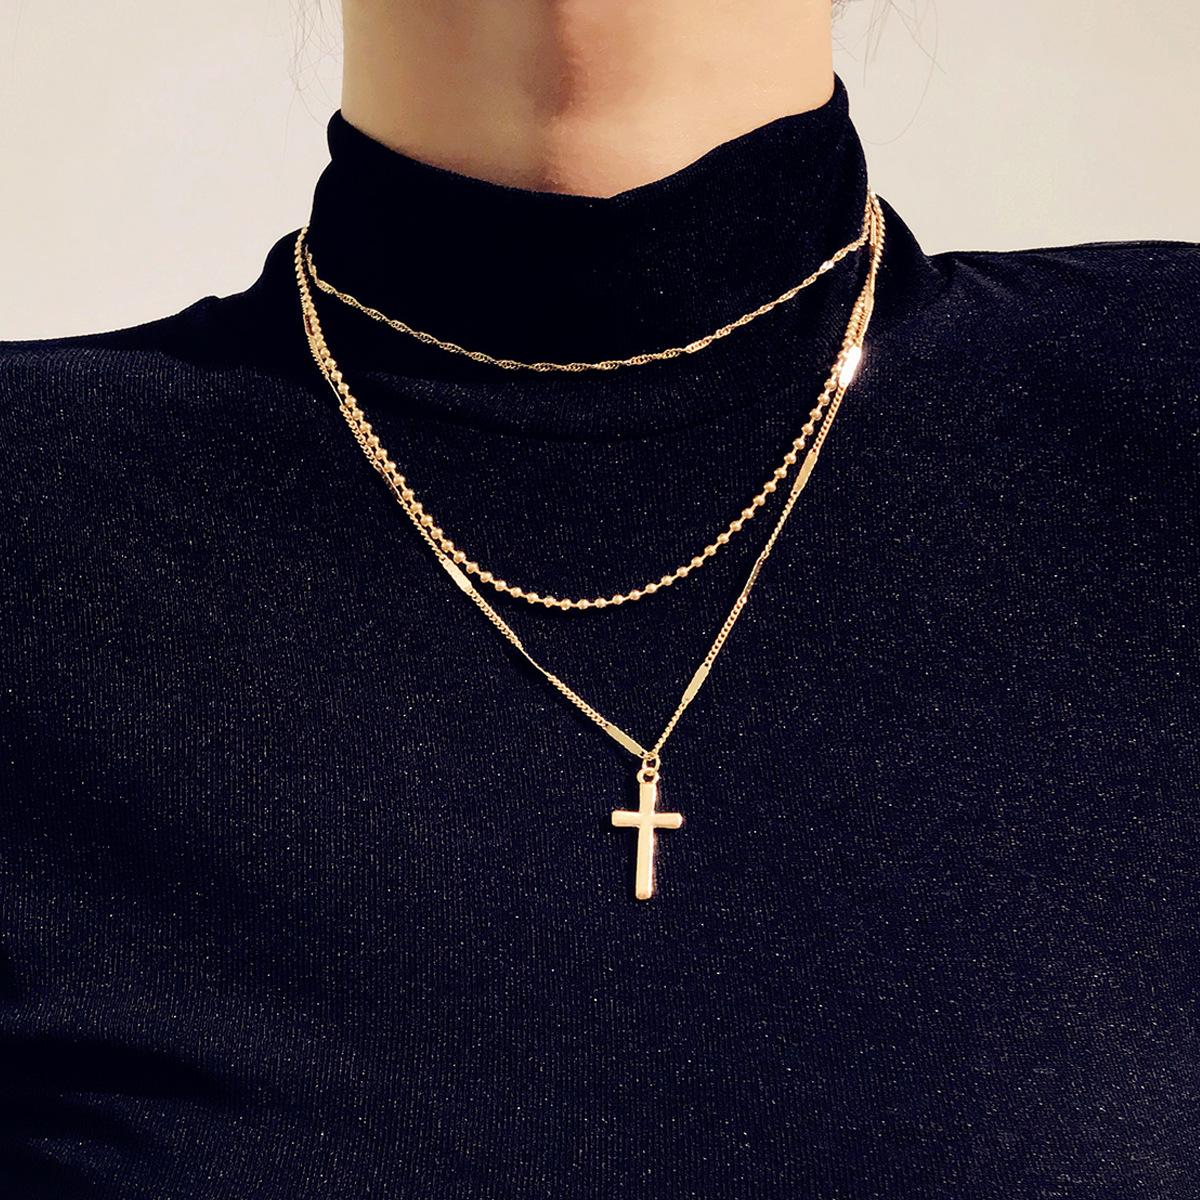 Ins Style Assez Délicat Layered Choker Colliers Croix Pendentif Multicouche Chaîne Collier En Or